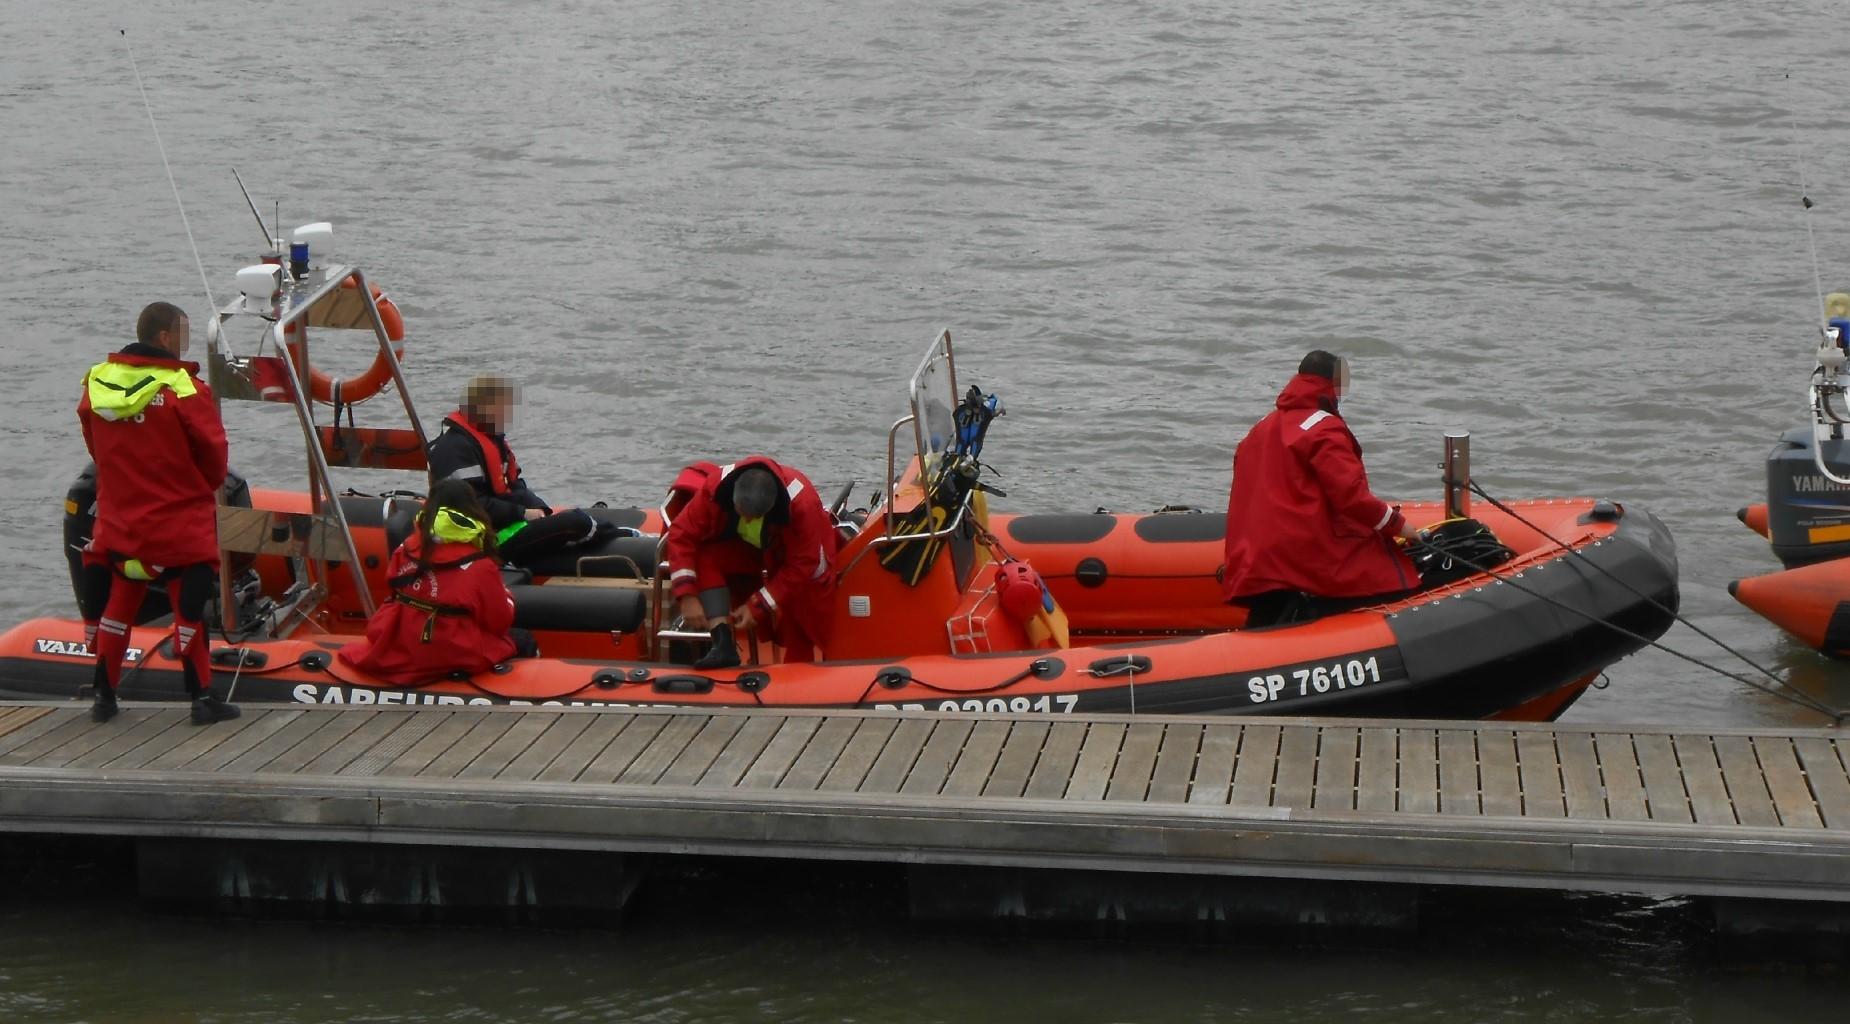 Les sapeurs-pompiers sont intervenus avec leur Zodiac pour secourir la victime dont le corps flottait sur le ventre en direction du Hangar 107 (Photo d'illustration)